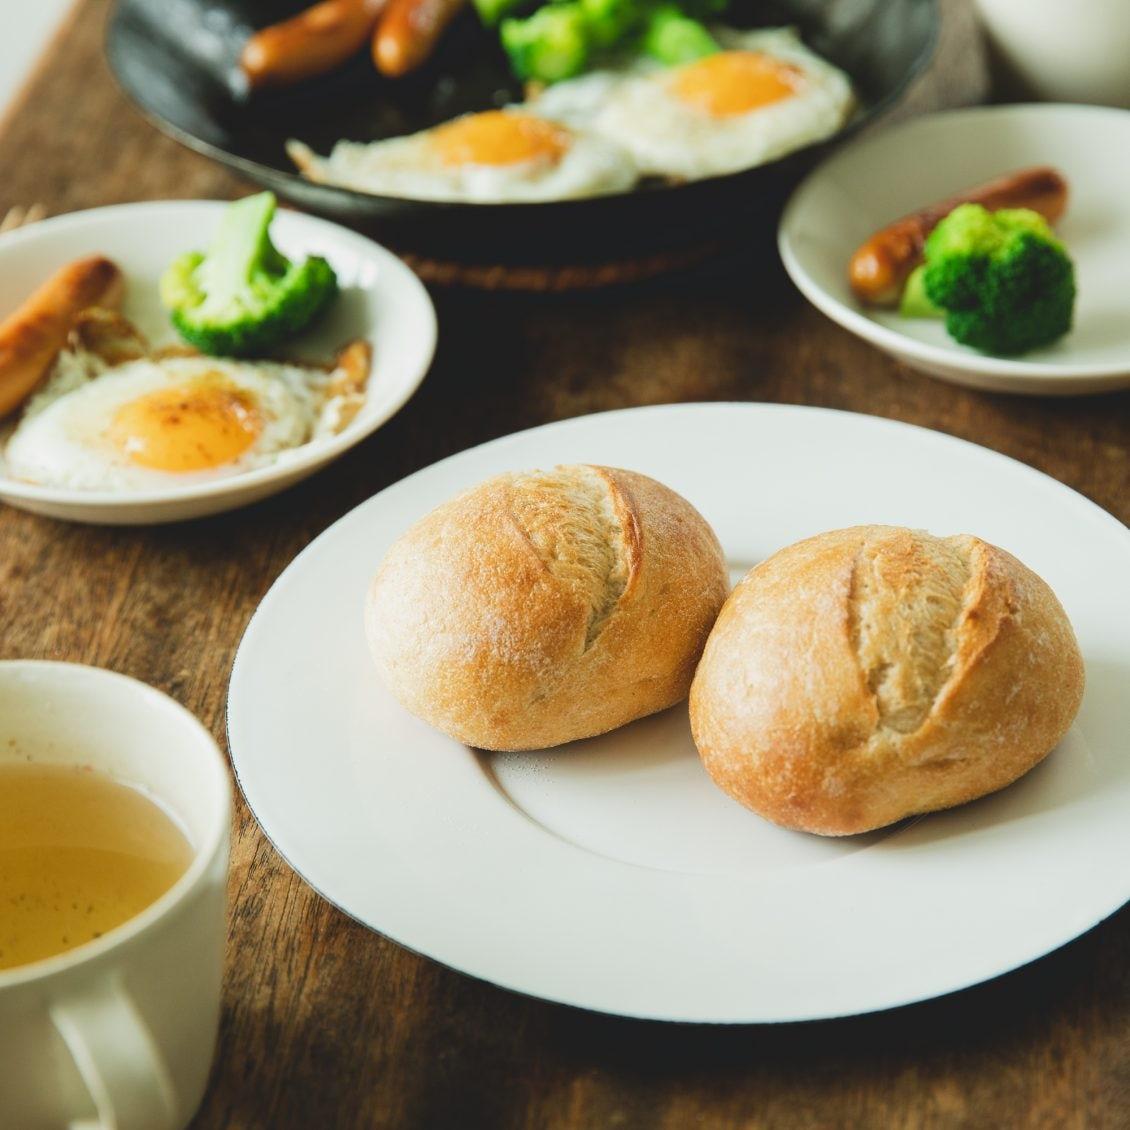 【焼きたてパンのある暮らし】いつもの食事に合う、焼きたてパンが自宅に。当店スタッフが試してみたら